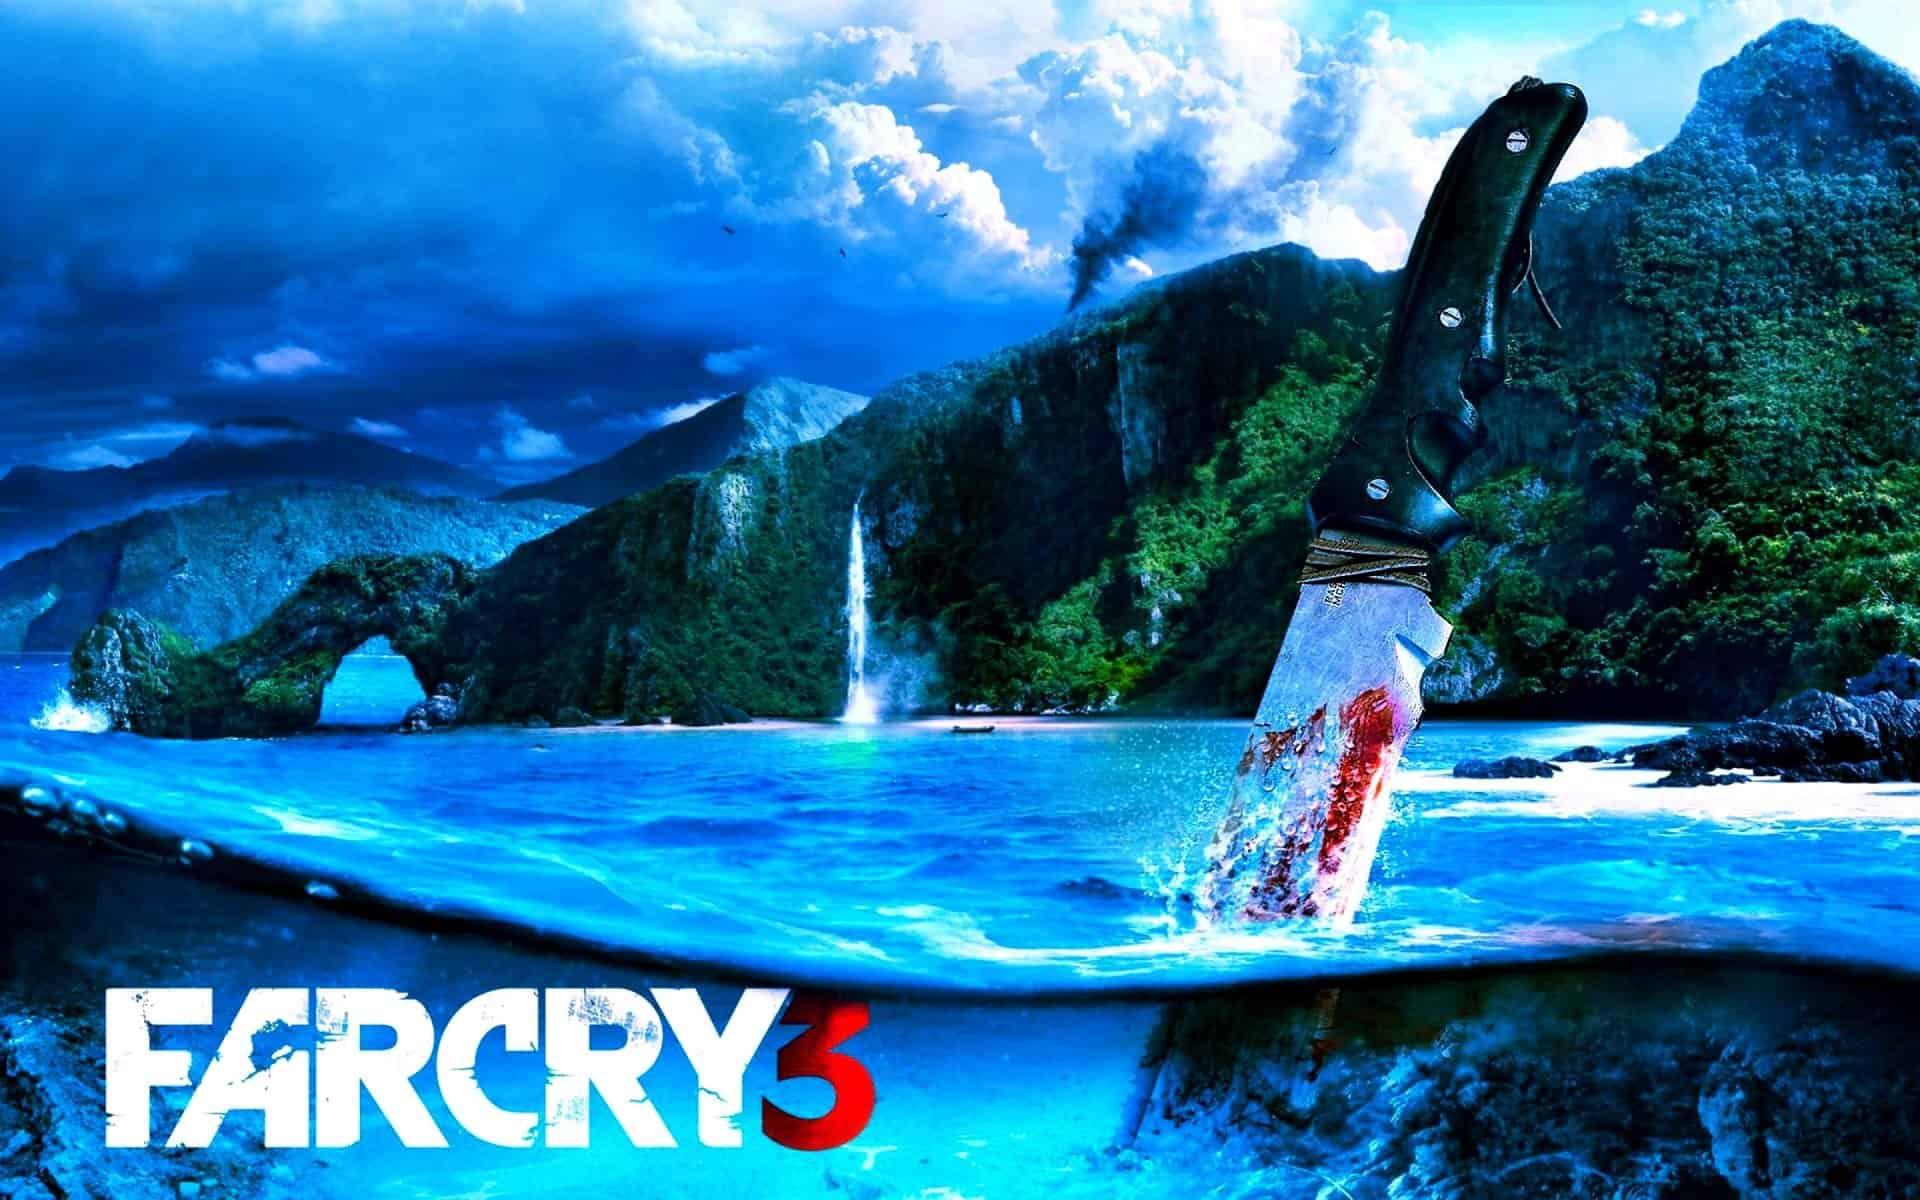 Best Far Cry Games - Far Cry 3